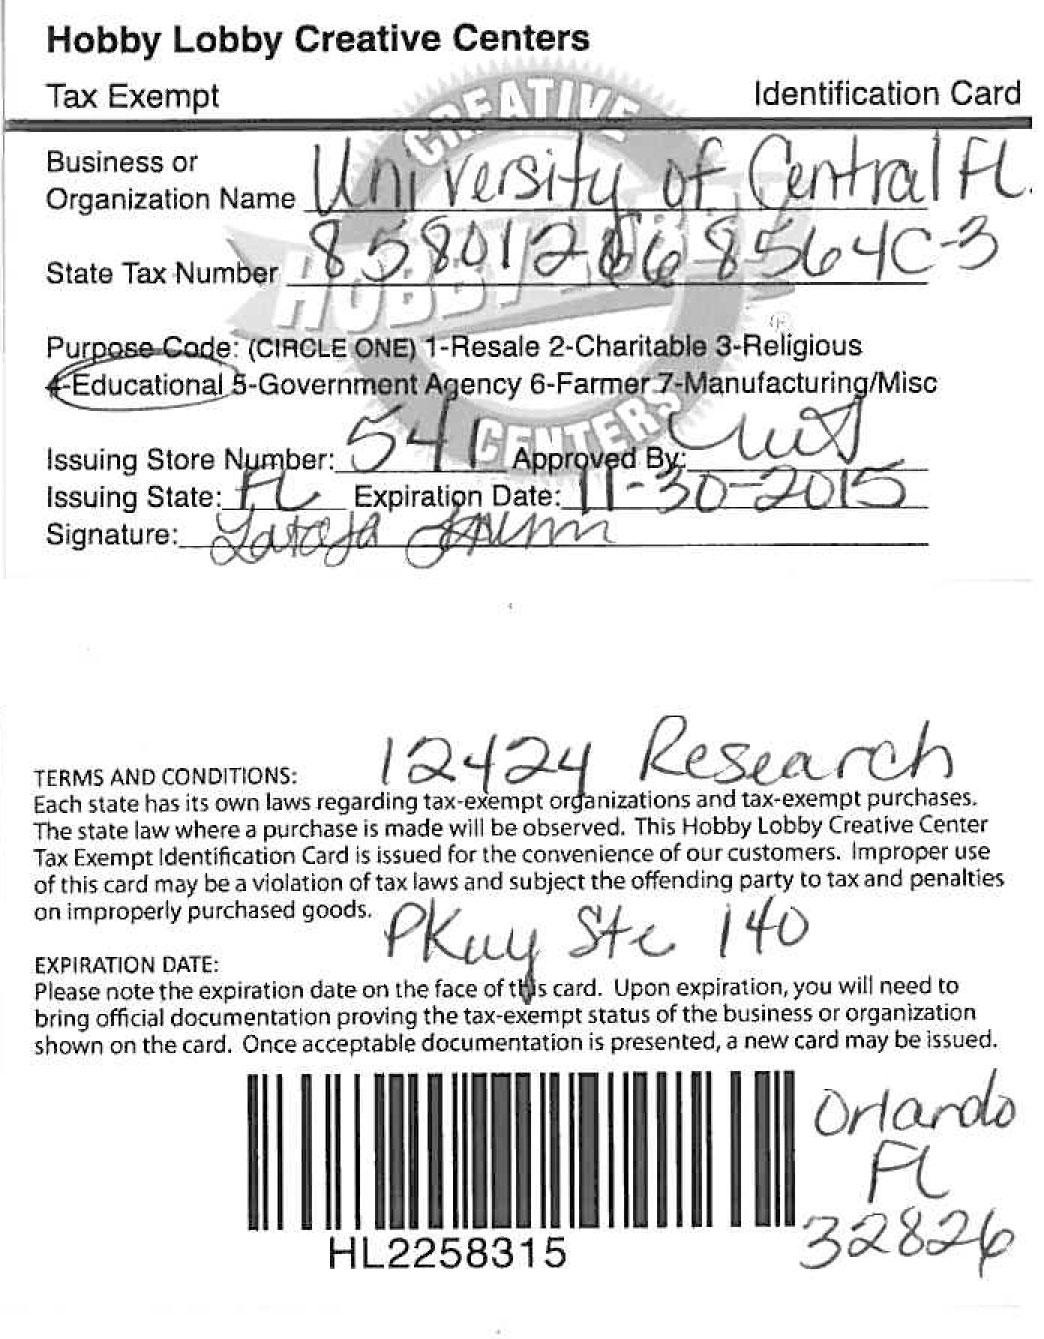 home depot tax exempt form - Beste.globalaffairs.co